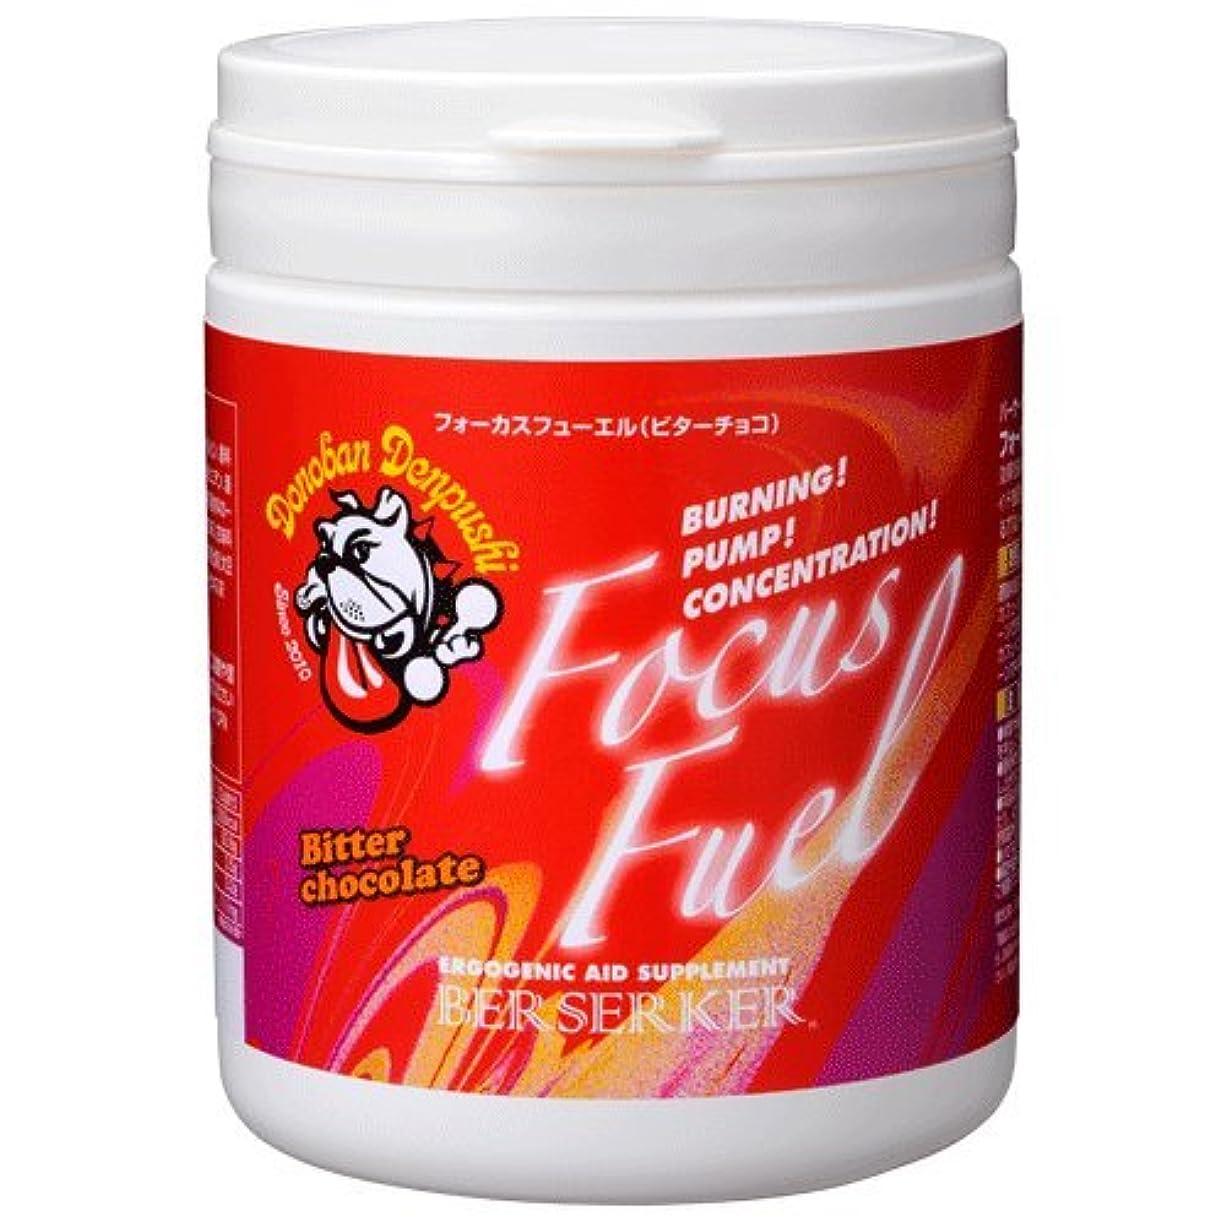 支配する運命テラスバーサーカーFocusFuel(282.3g)(ビターチョコ味)